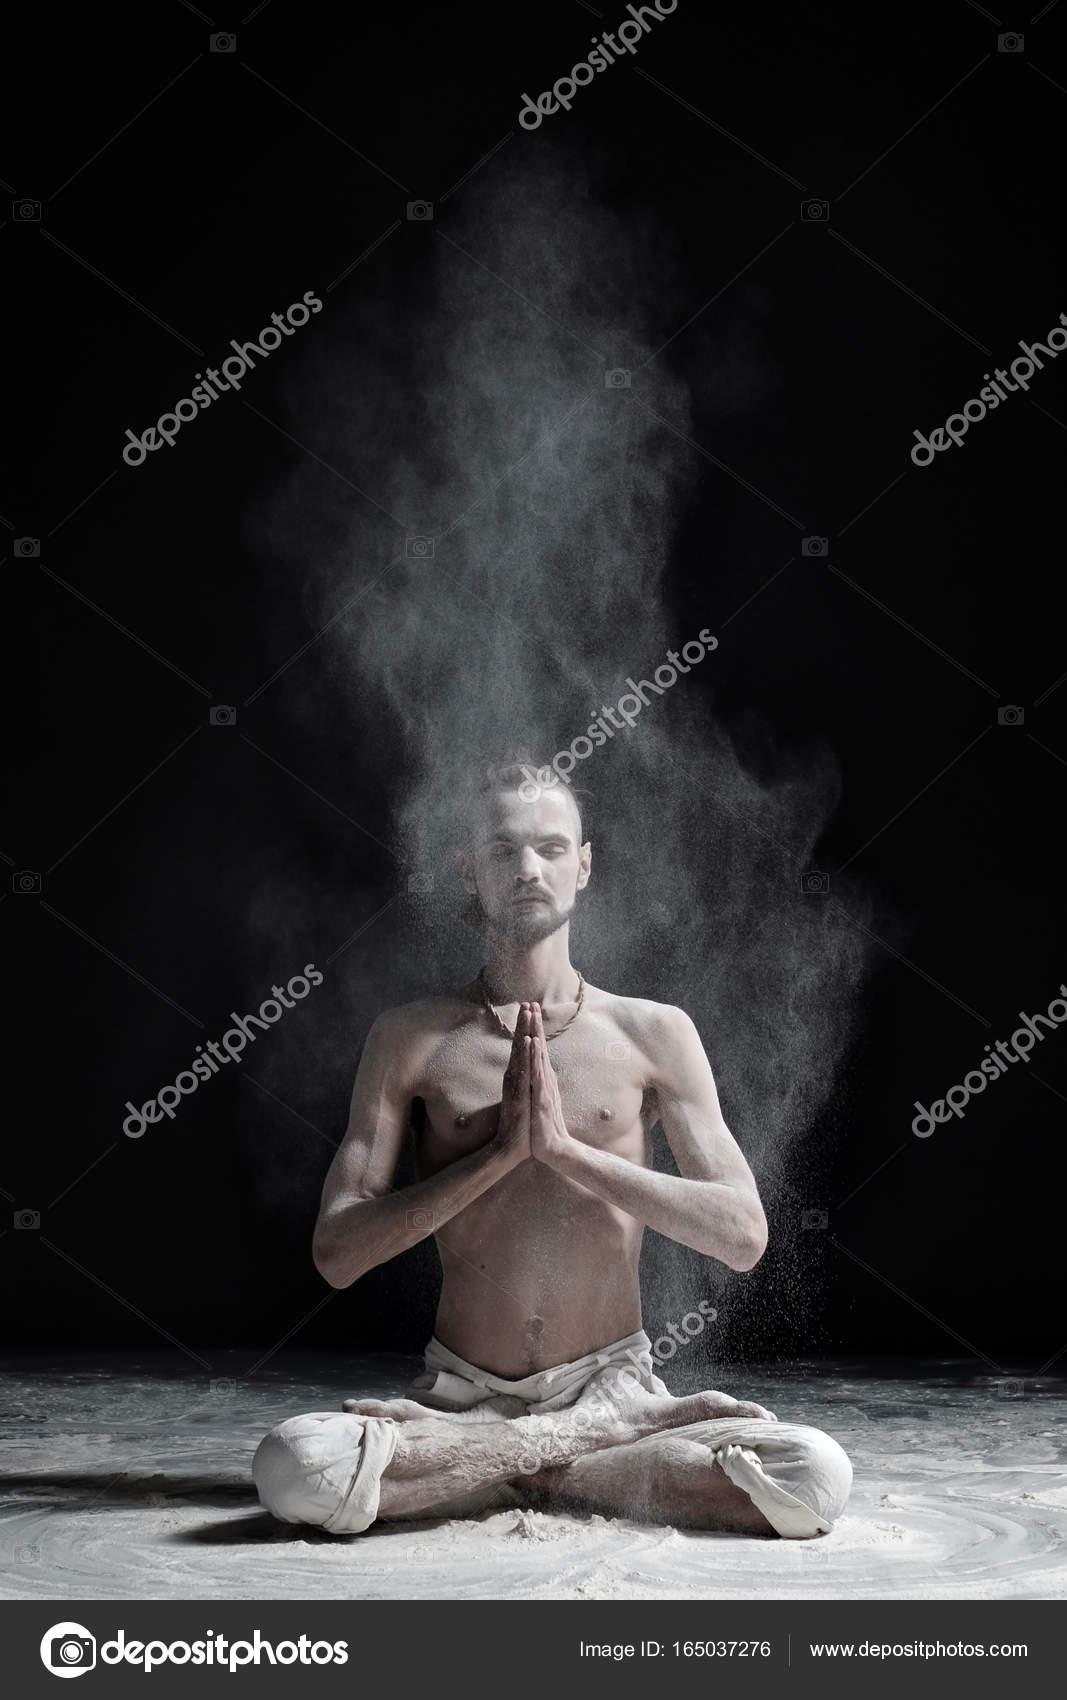 Ταϊλανδός/ή Έφηβος/η γυμνά